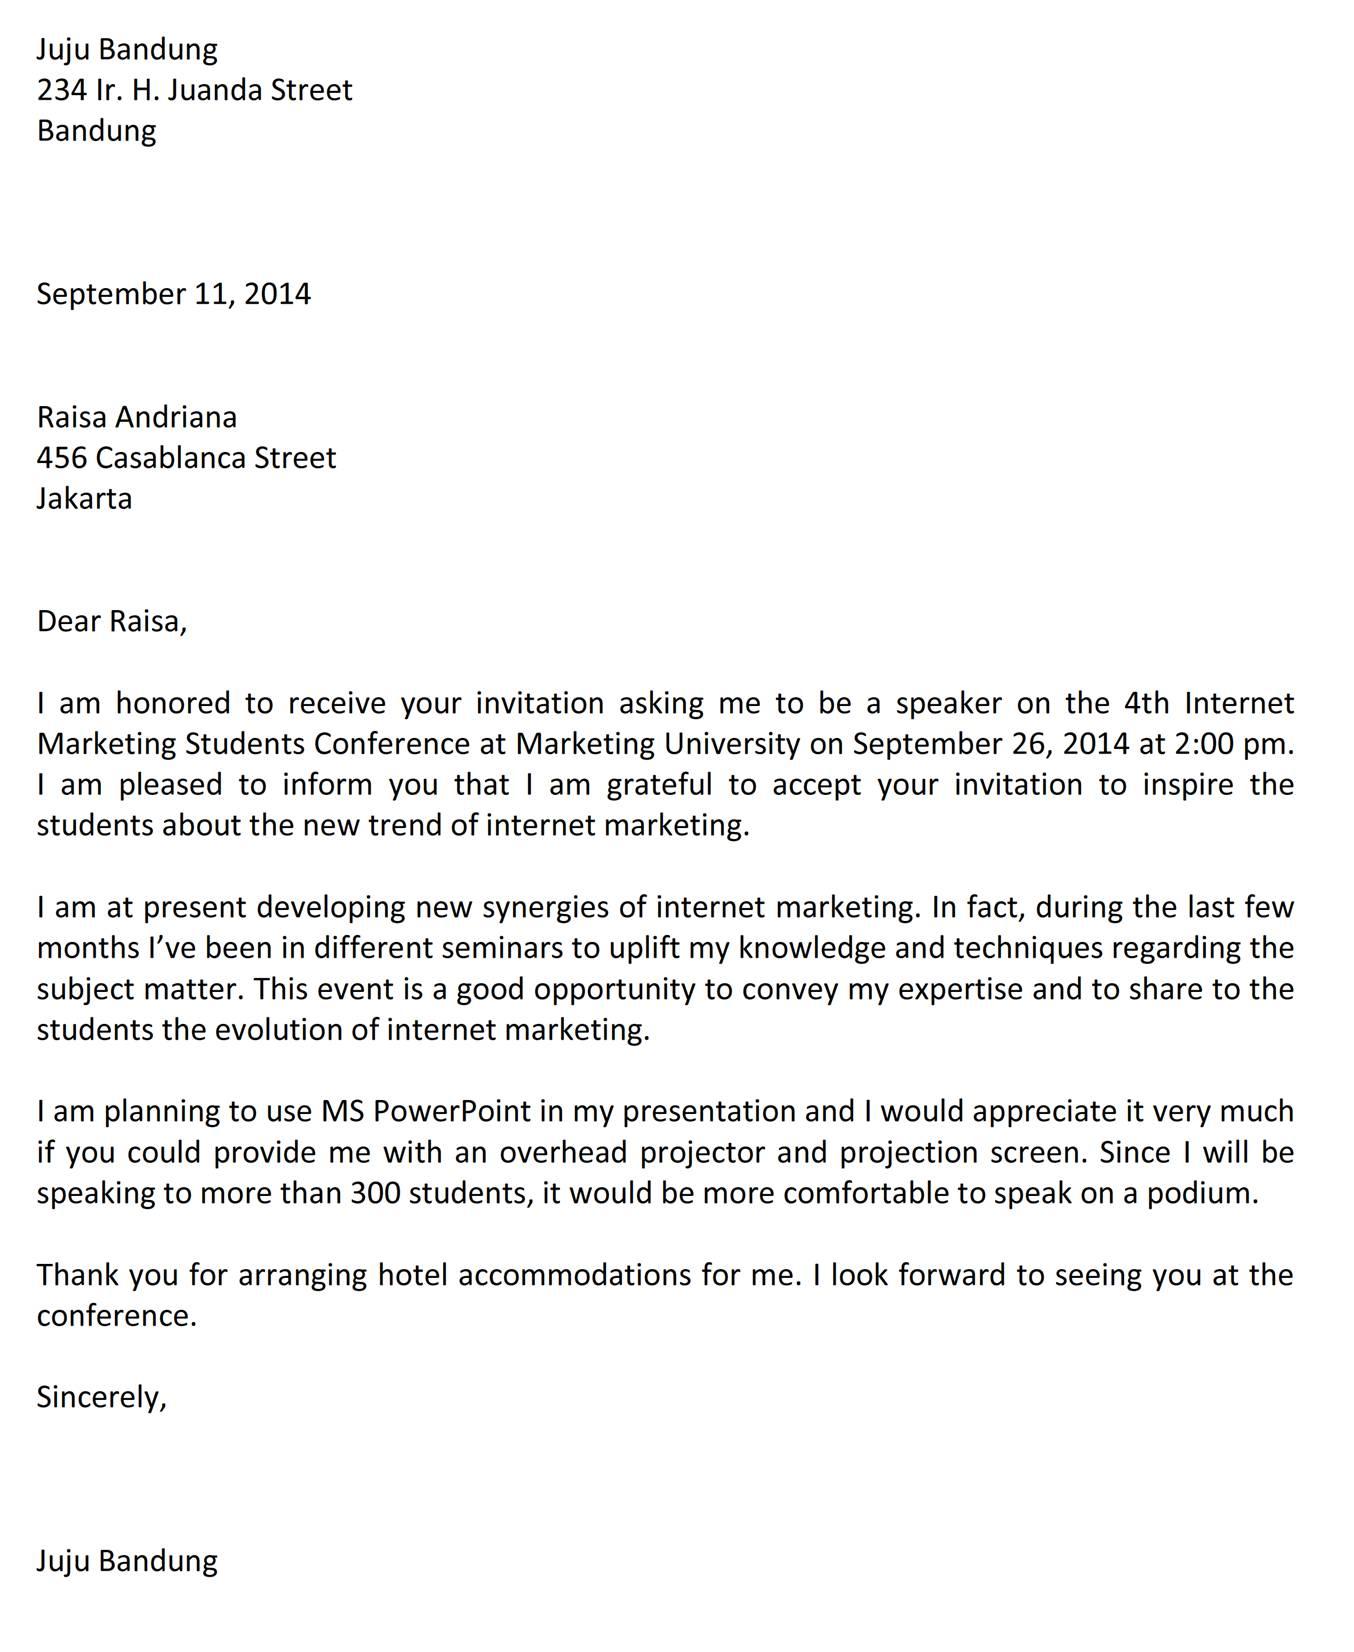 Surat Menerima Undangan Sebagai Pembicara Bahasa Inggris